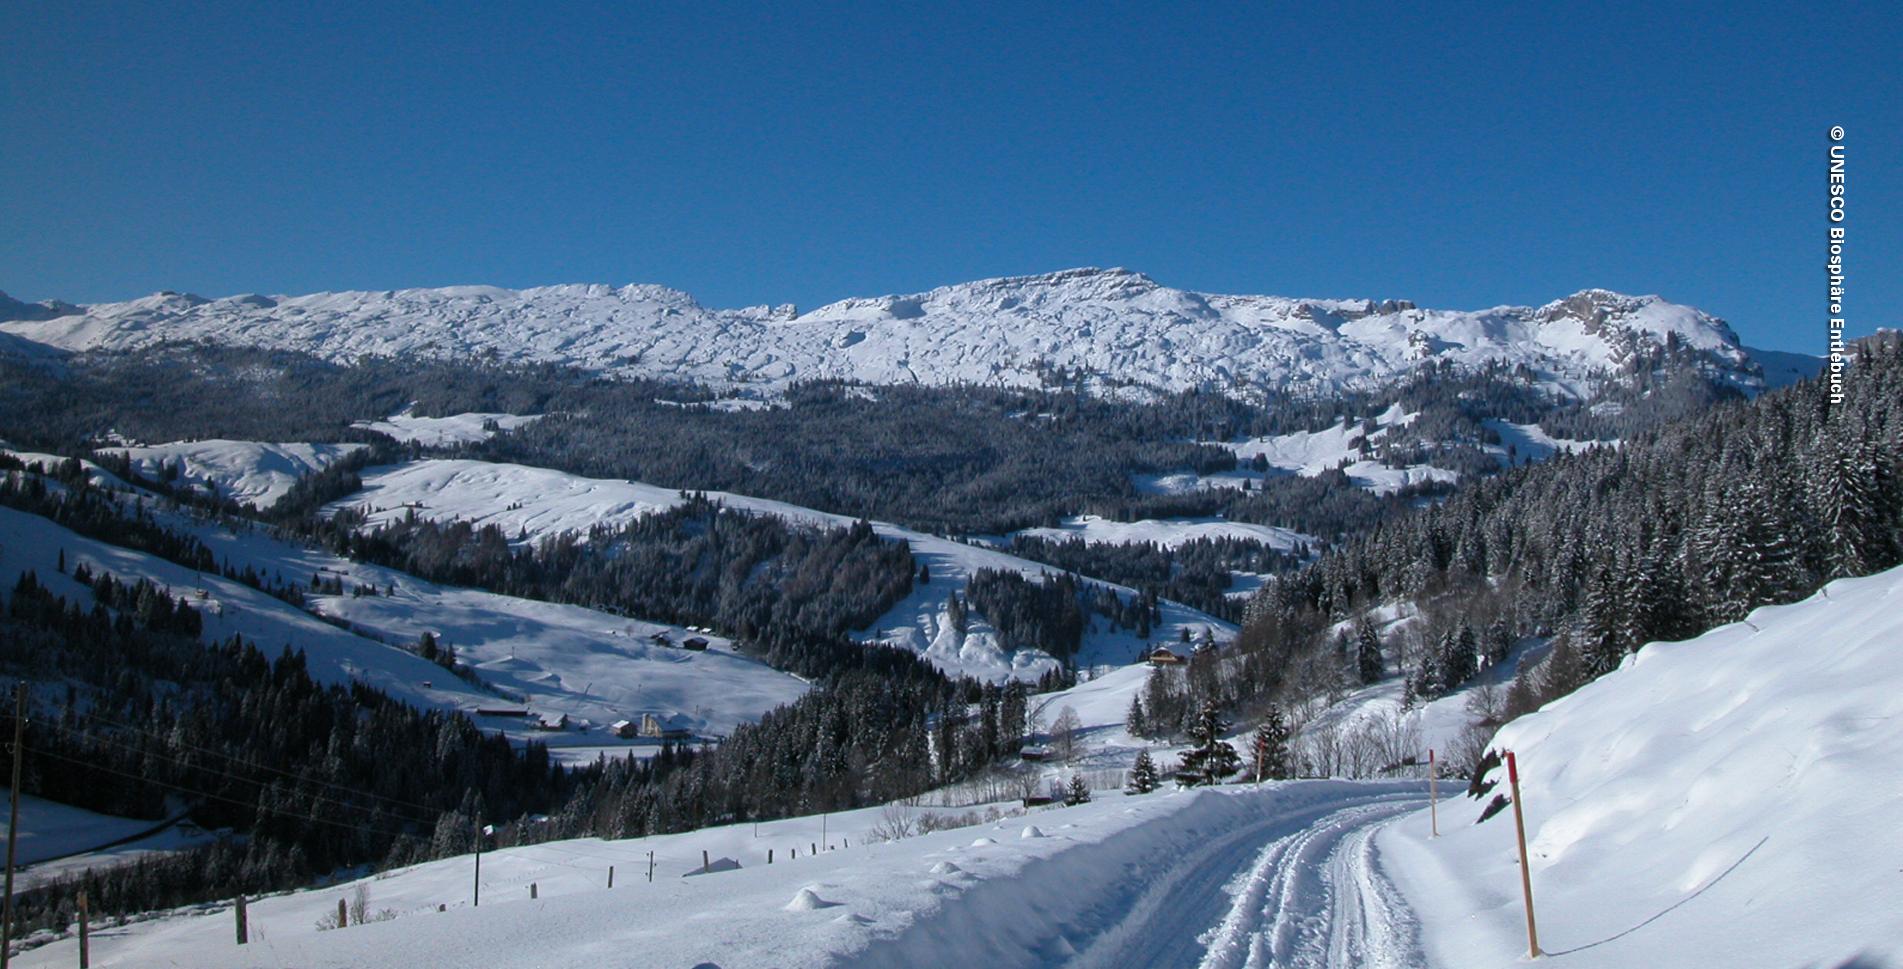 Winterwanderung in Sörenberg auf dem Panorama-Rundweg